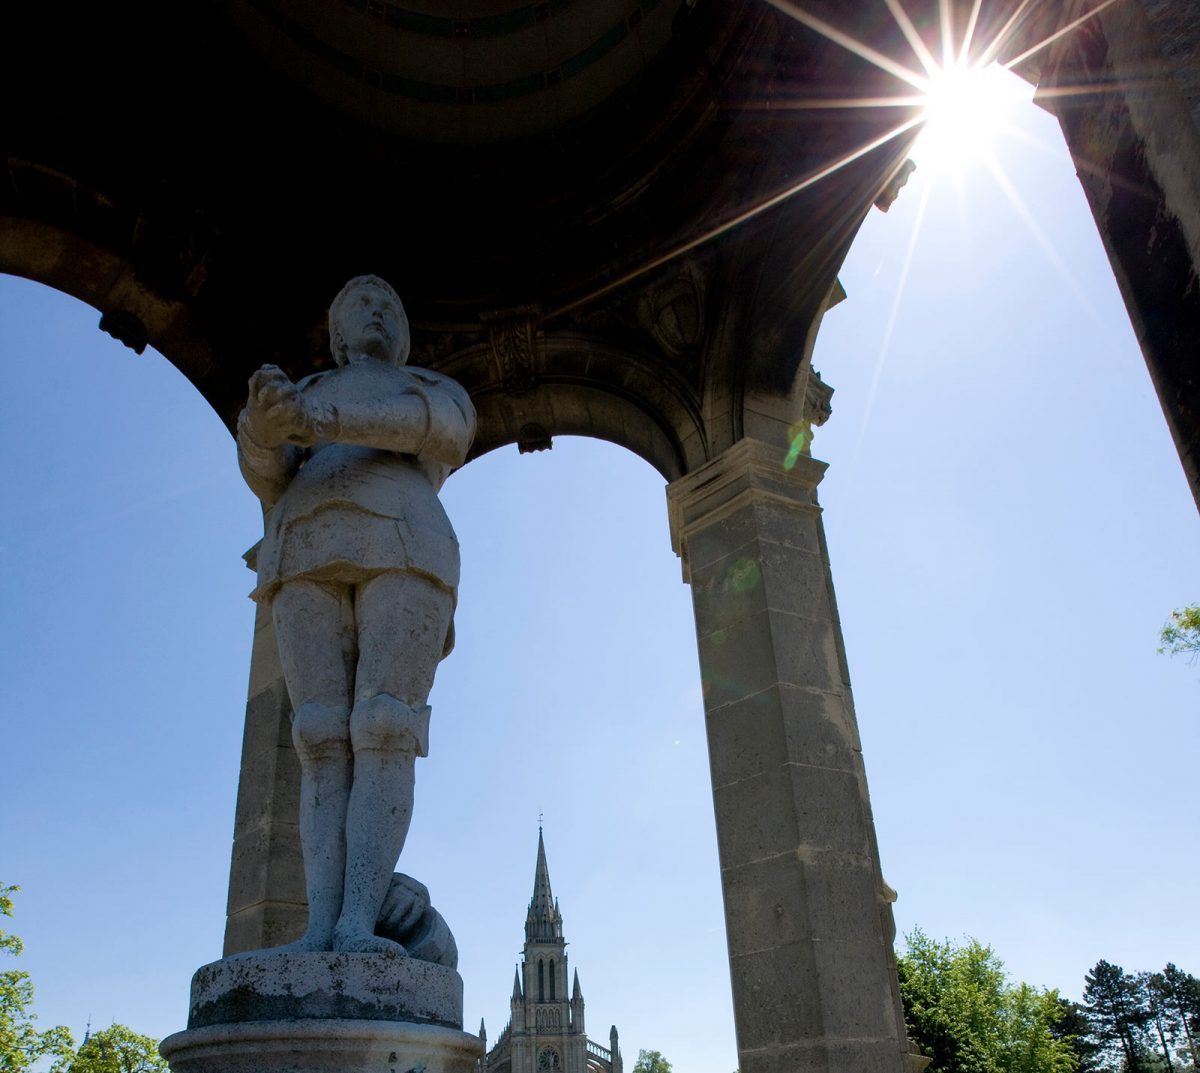 Statue de Jeanne d'Arc à Bonsecours, près de Rouen